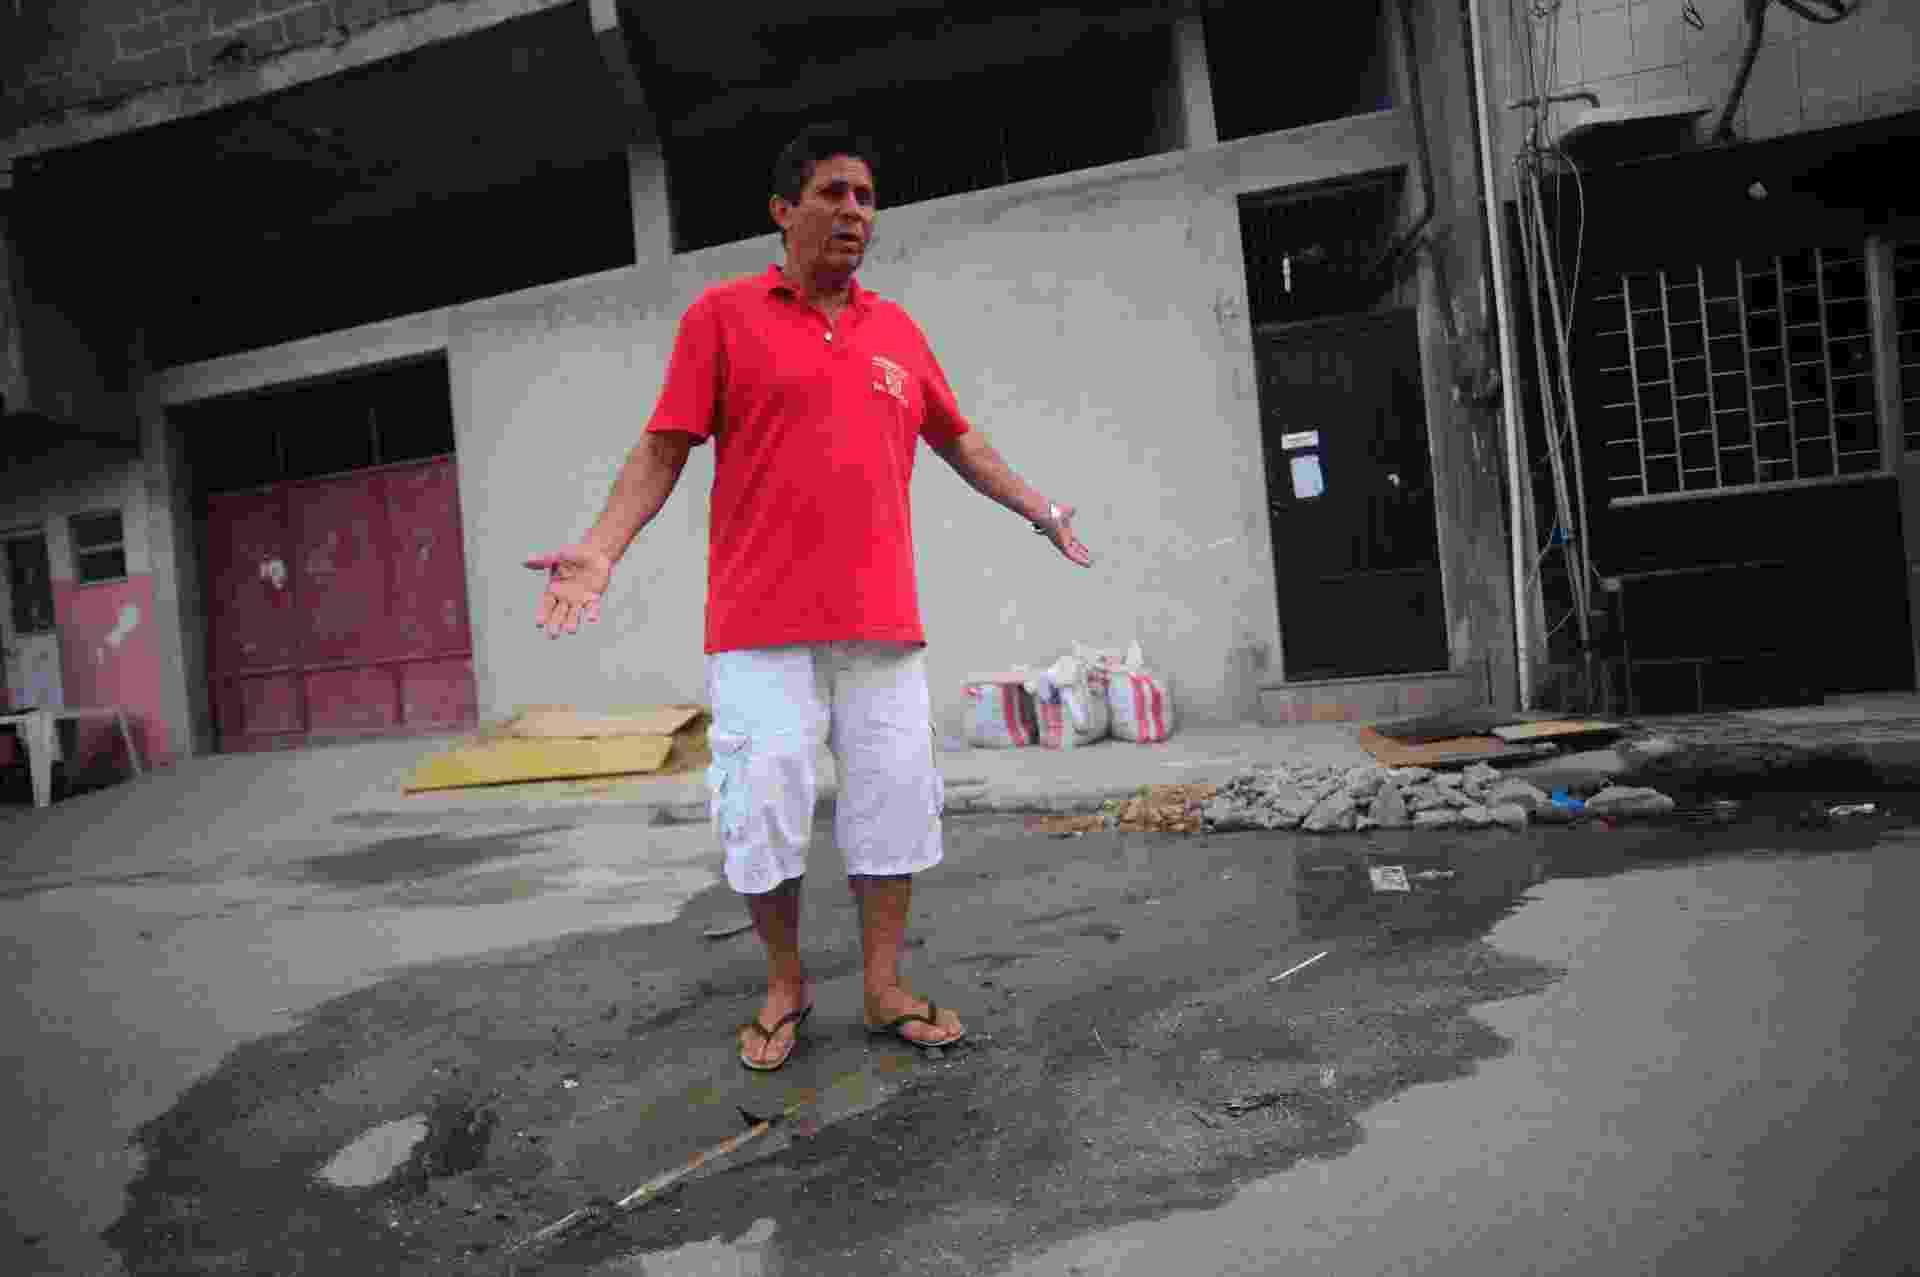 """Presidente da Associação de Moradores do Parque União, uma das 16 favelas que compõem o Complexo da Maré, Deraldo Batista dos Santos é o """"xerife"""" informal do desperdício de água na comunidade - Fábio Teixeira/UOL"""